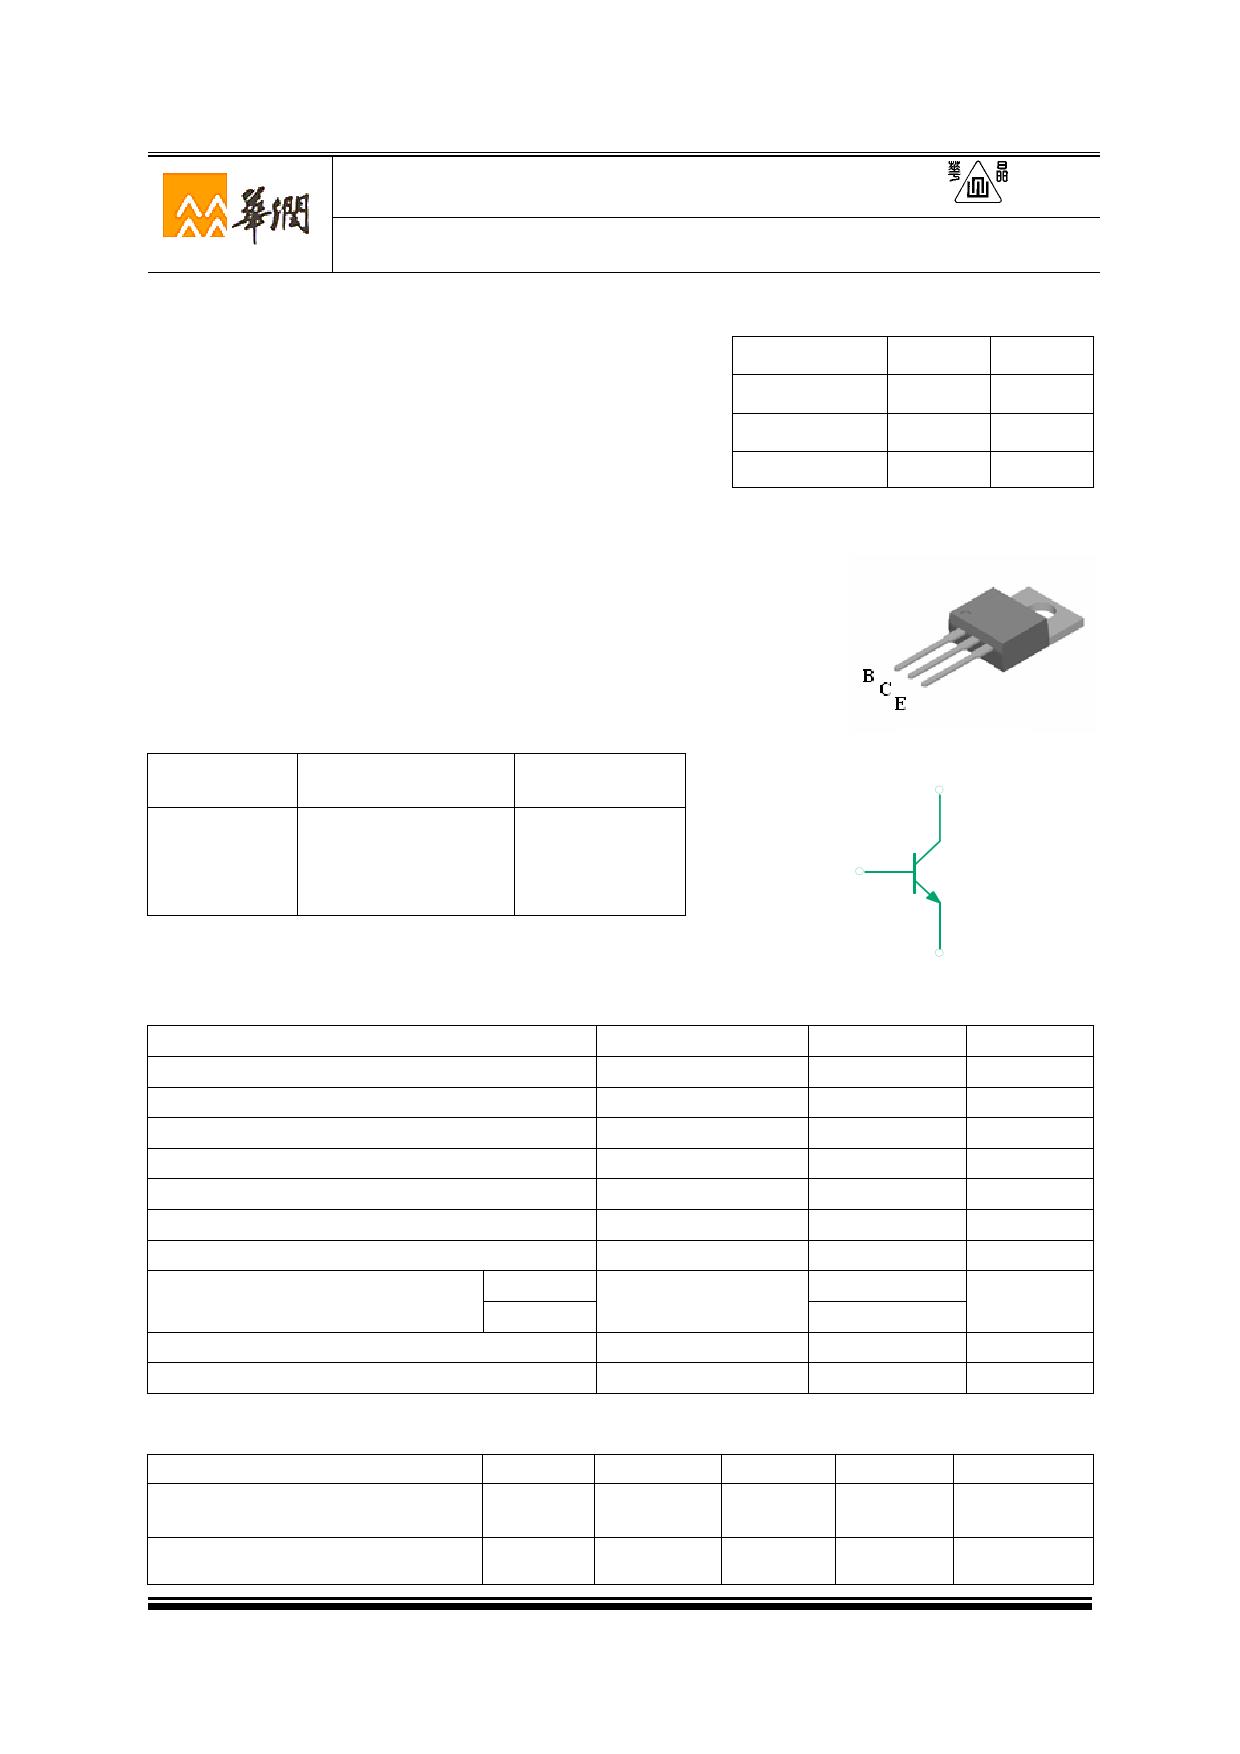 3DD3145A8 Datasheet, 3DD3145A8 PDF,ピン配置, 機能